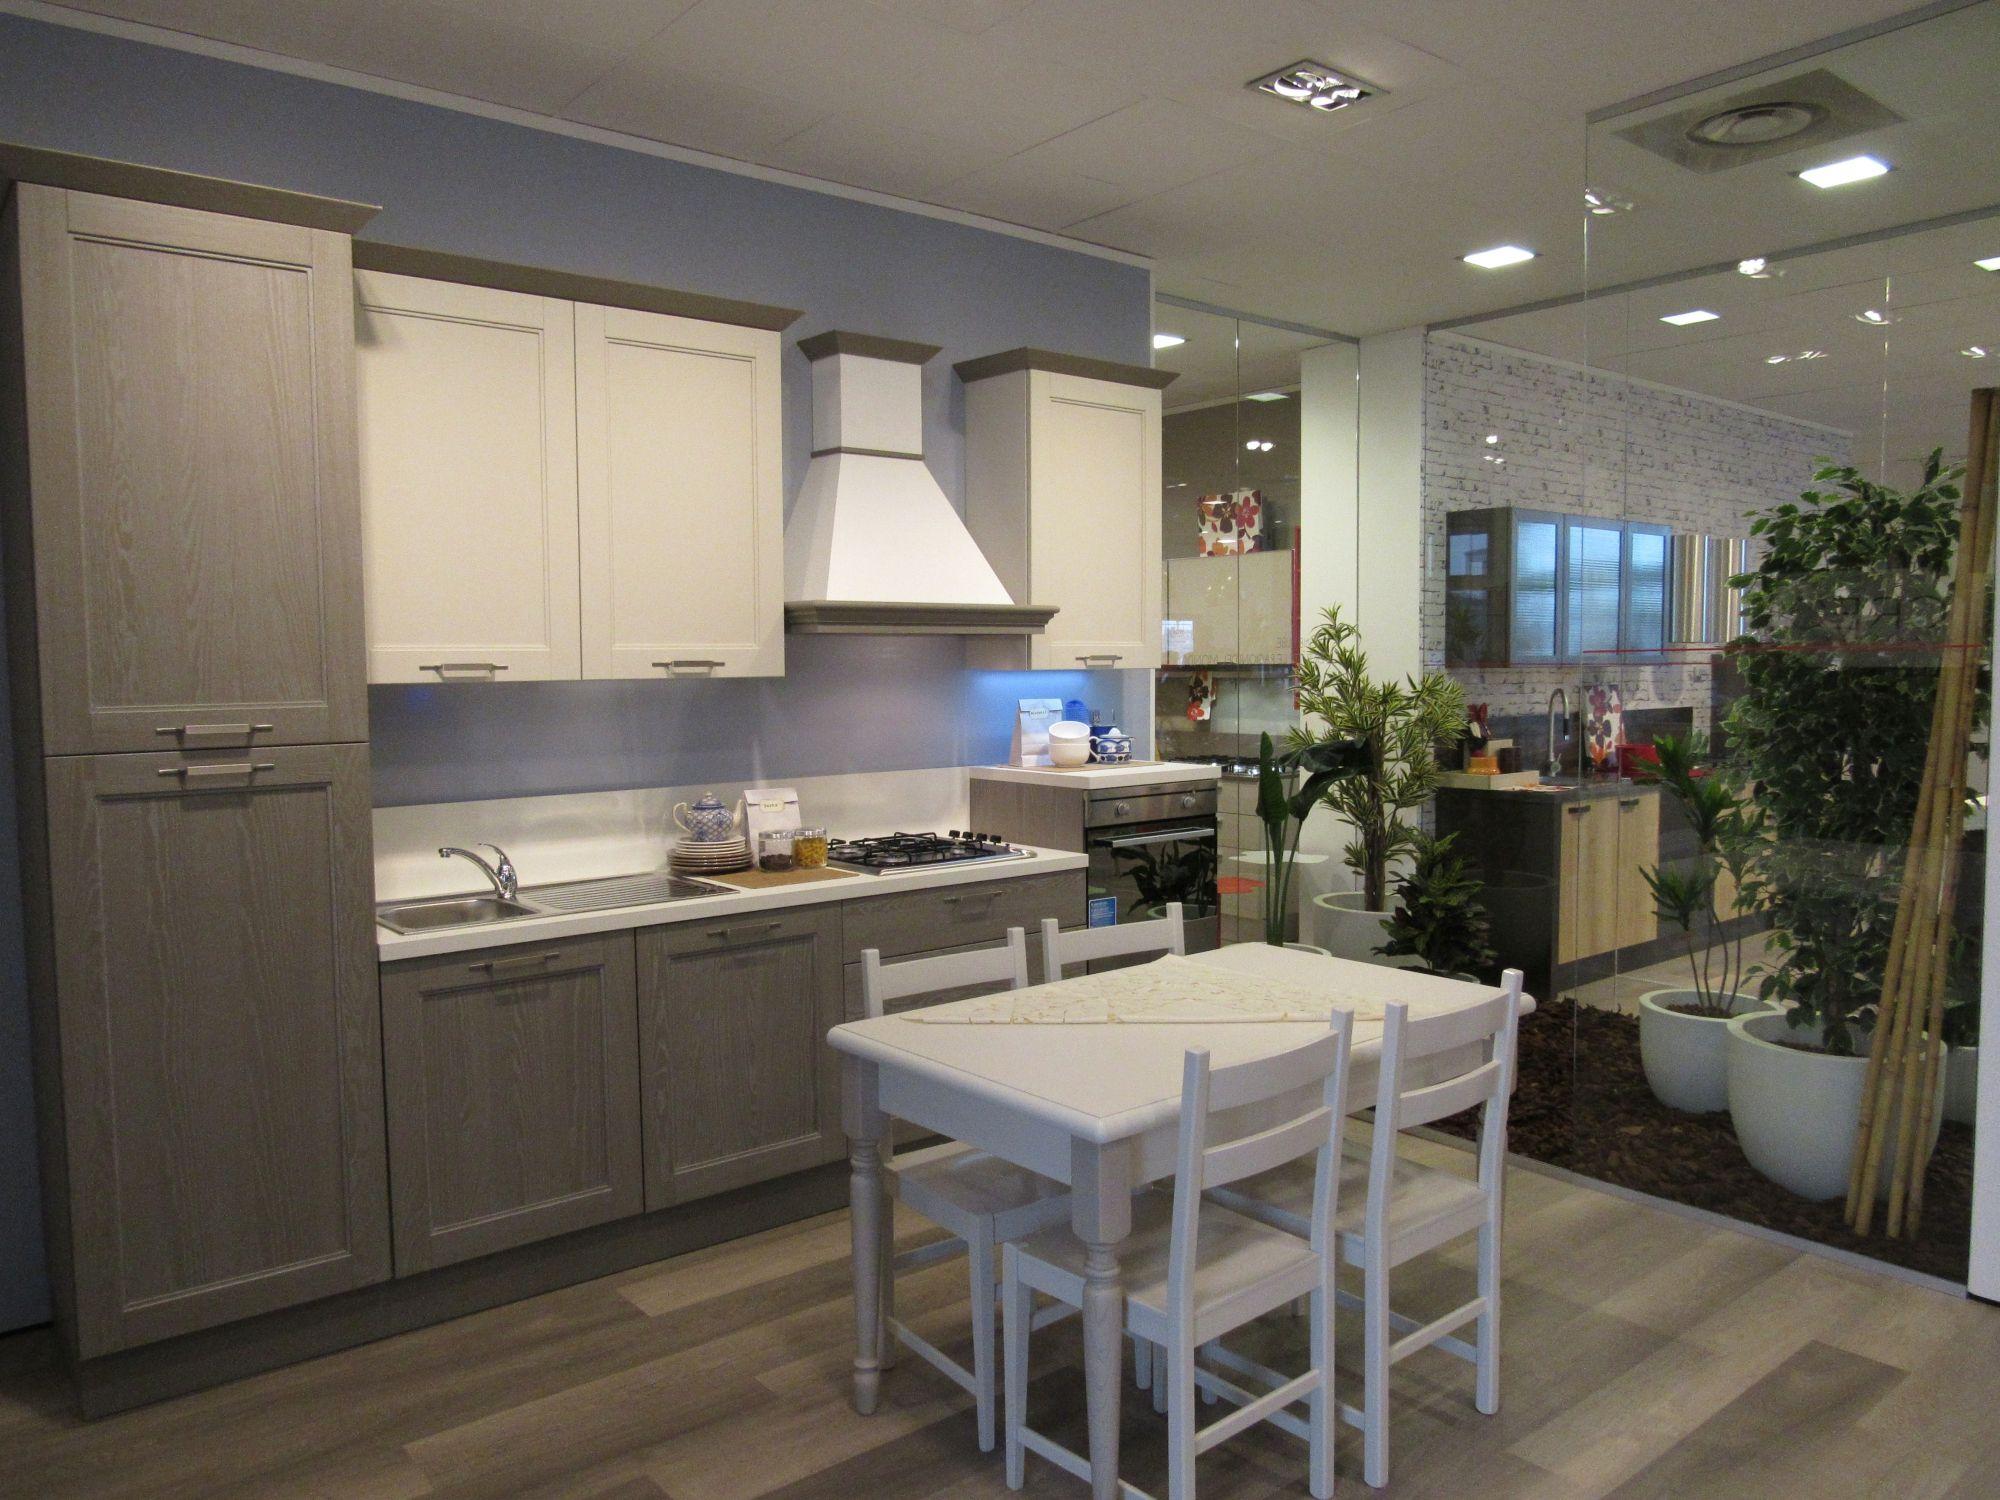 Bon Nuovo Concept Store Lube A Torino  Creo Kitchens